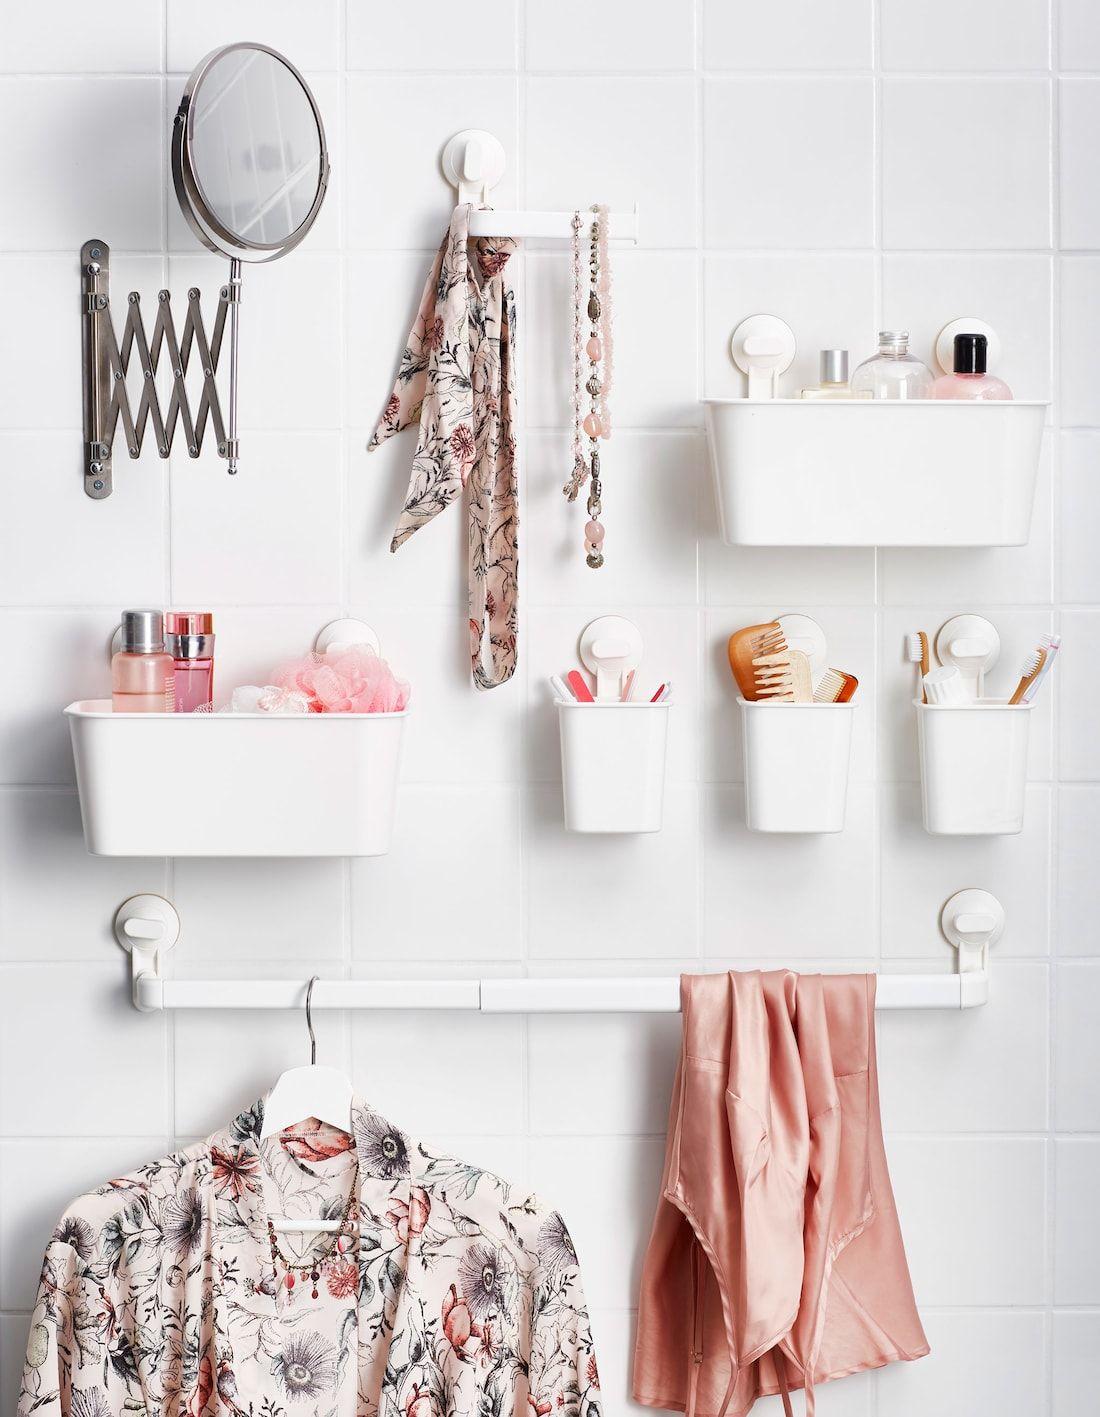 Kleine Kunststoffbehalter Mit Saugnapfen An Der Wand Befestigt U A Mit Stugvik Handtuchhalter M Badezimmer Badezimmer Aufbewahrungssysteme Badezimmer Klein